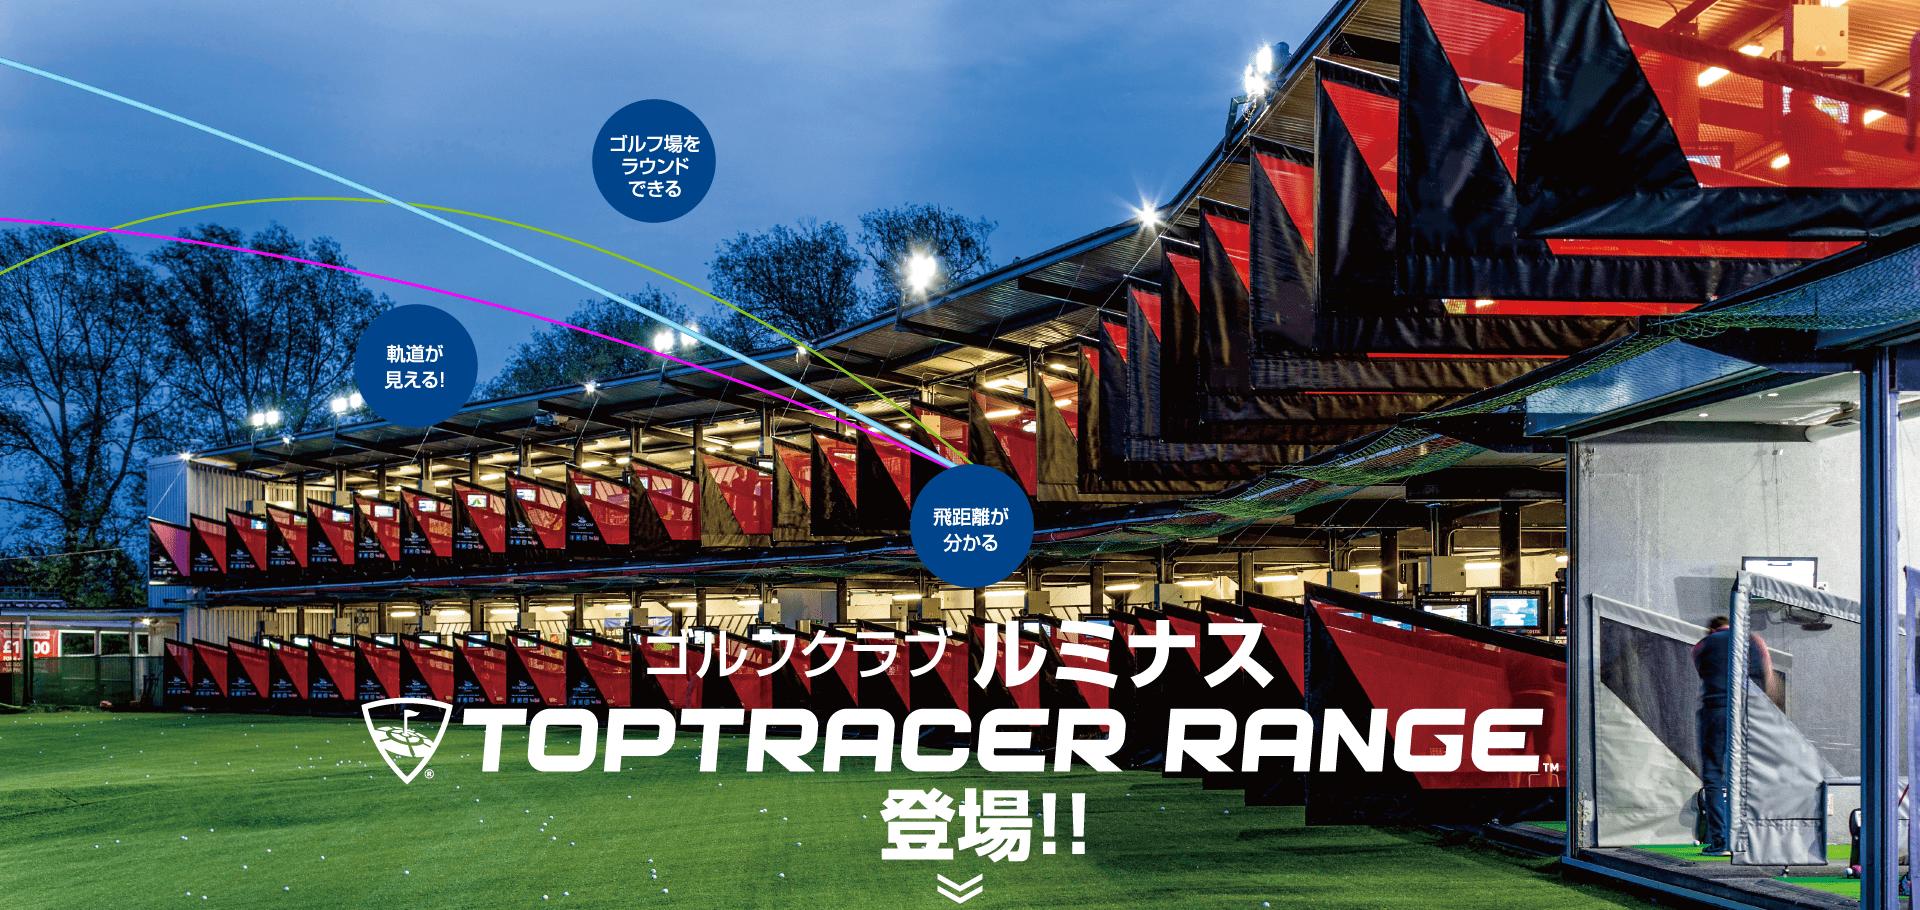 ゴルフクラブルミナス TOPTRACER RANGE登場!!